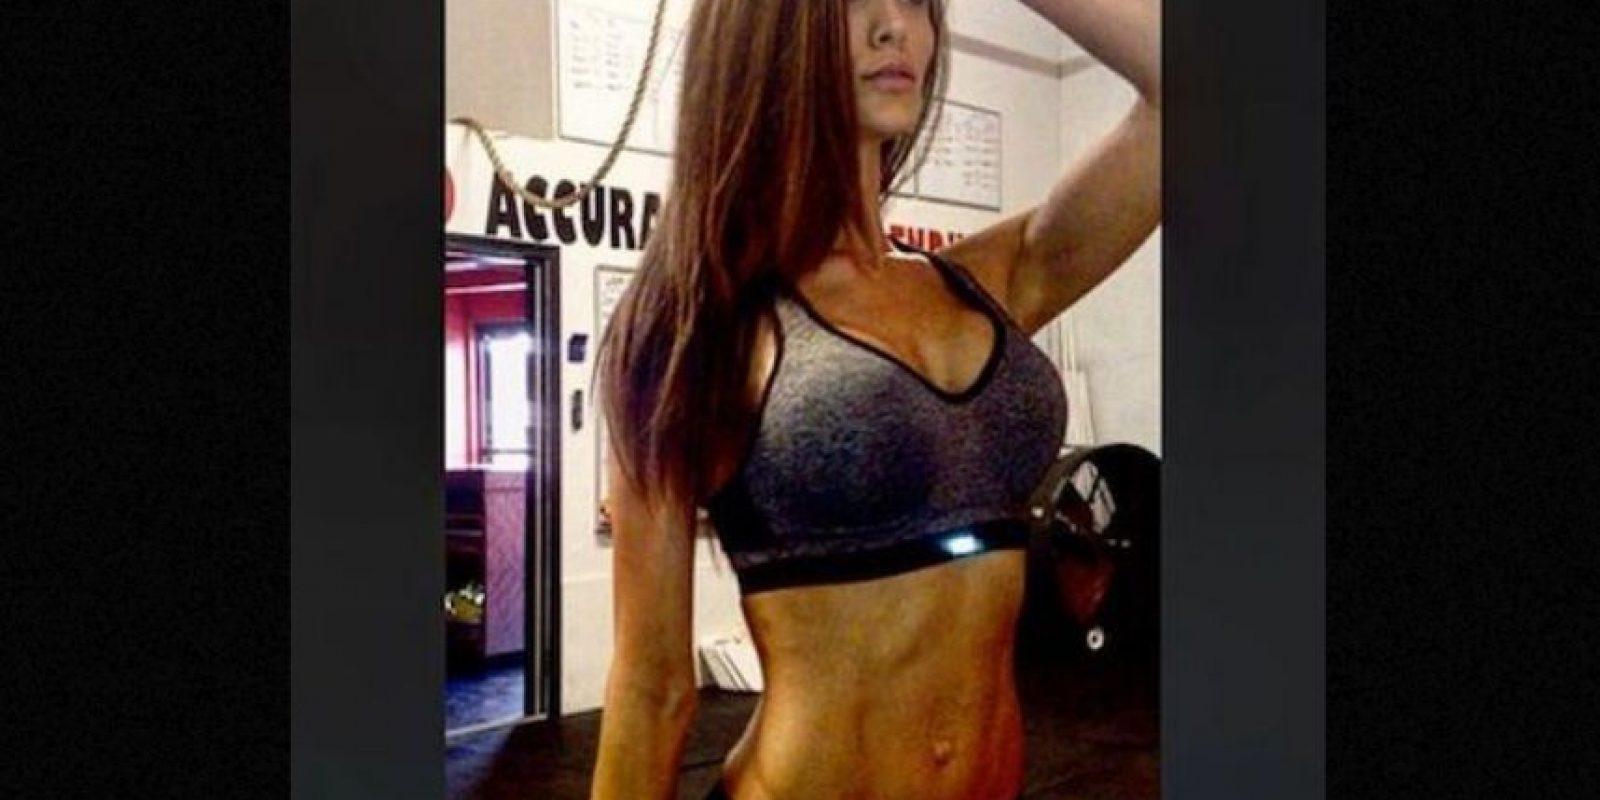 Además de dar clases en la North Sanpete Middle School se dedica al modelaje y comparte sus sesiones de ejercicio en el gimnasio. Foto:Instagram.com/minscakes